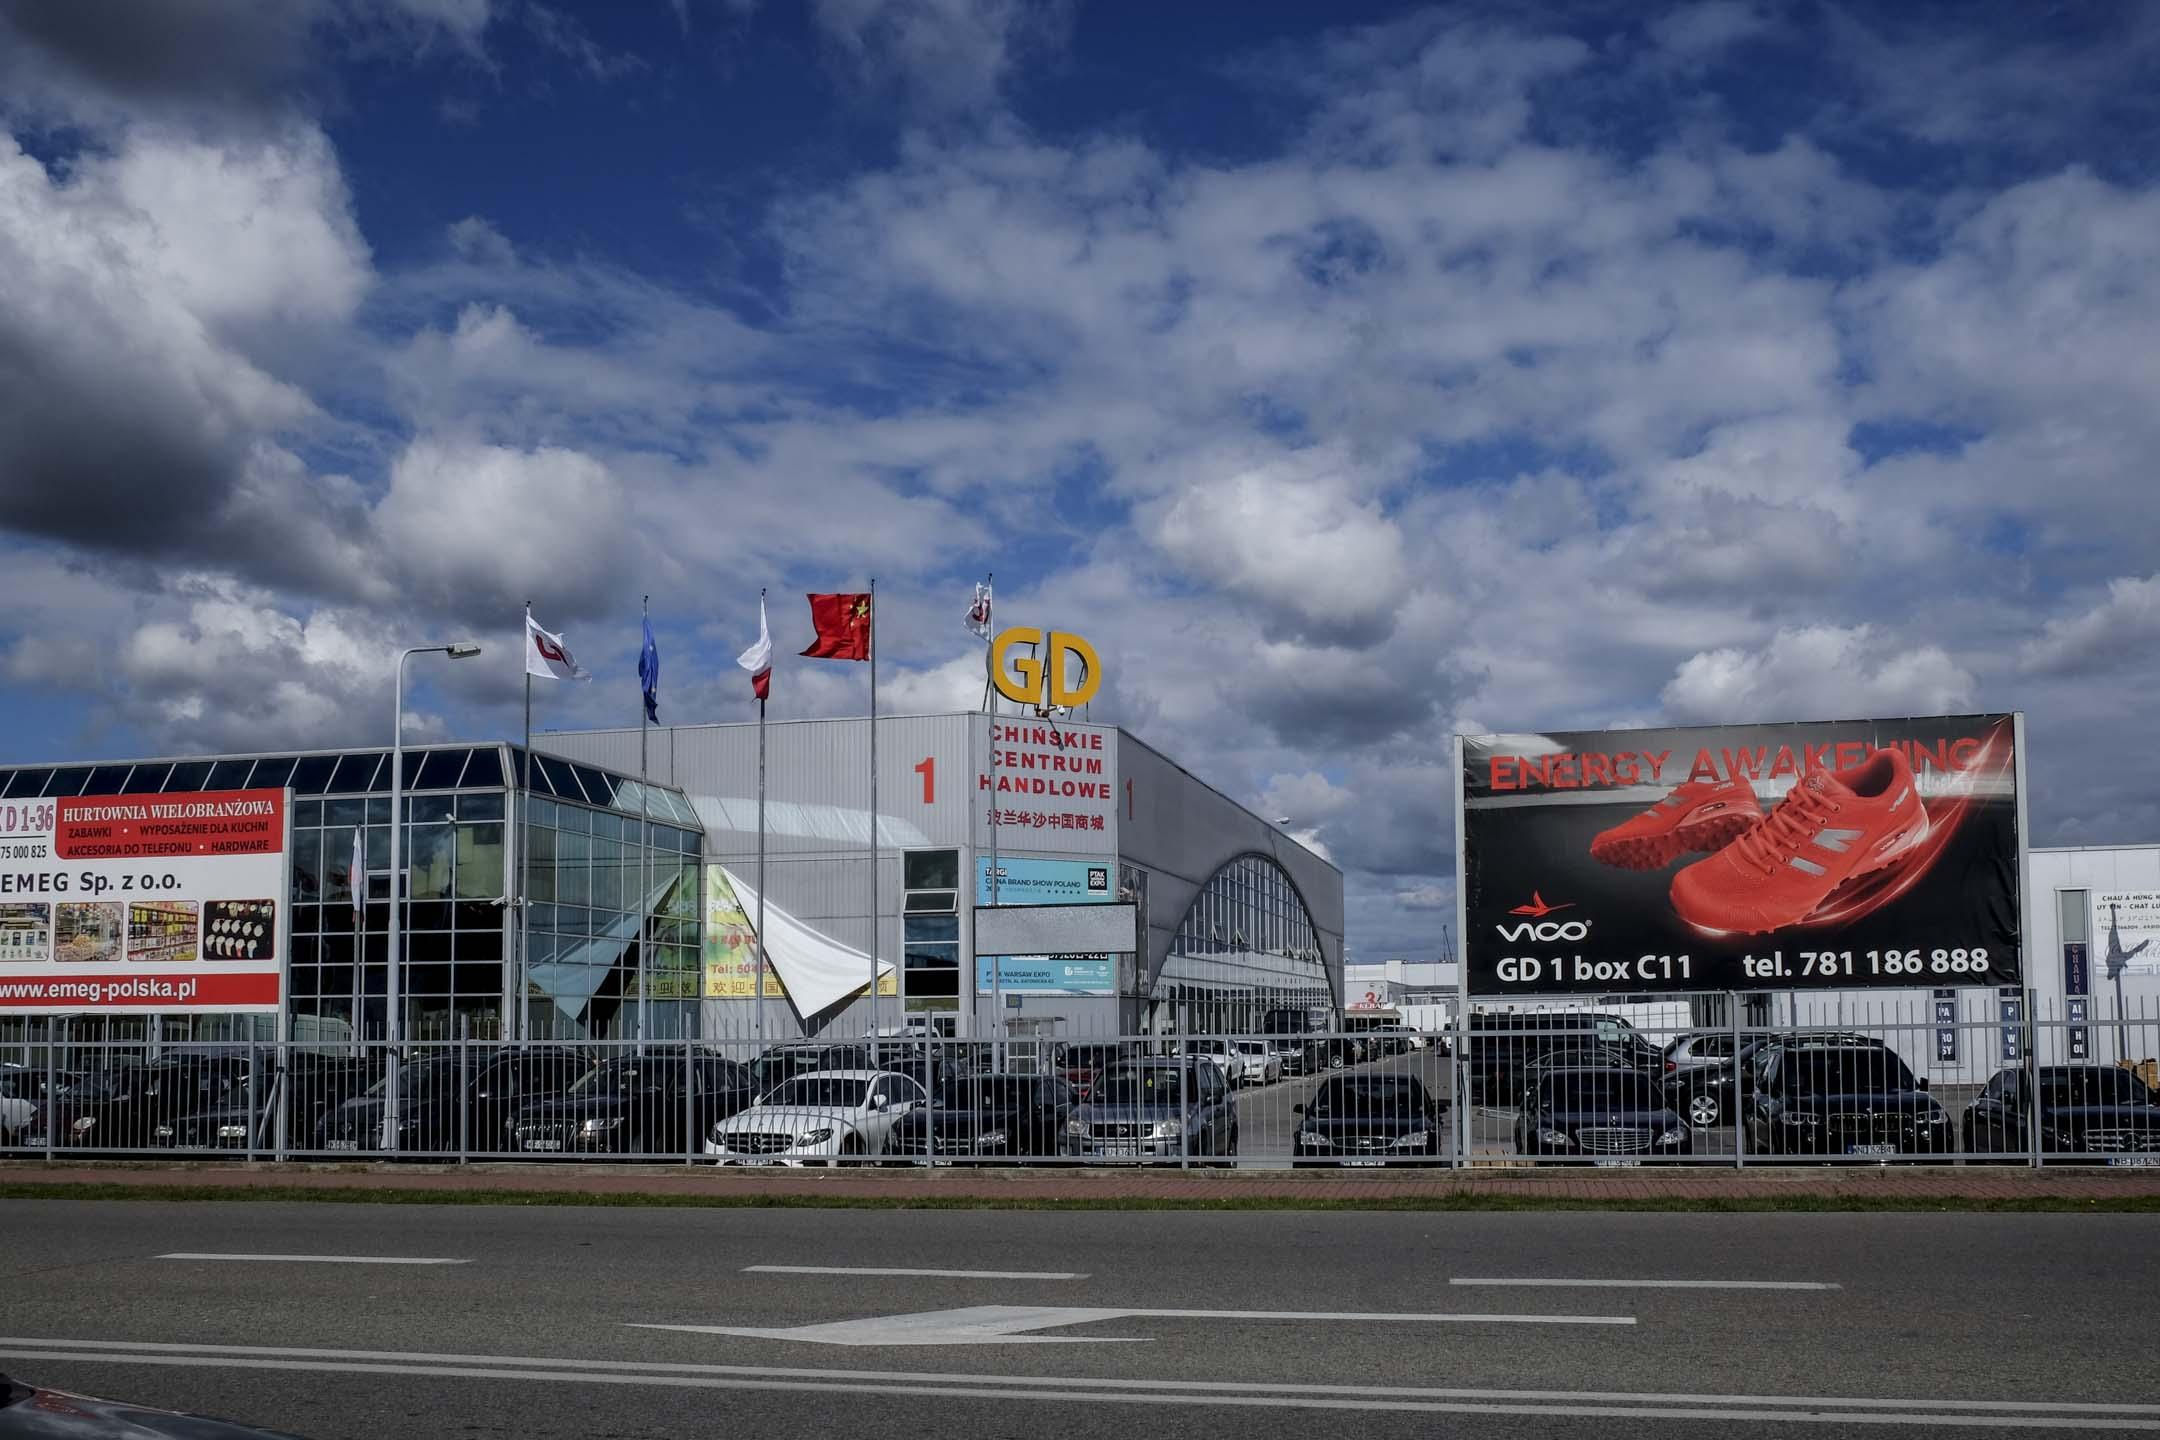 「波蘭華沙中國城」,包括6座商城、3座倉庫樓以及一個招待所,總佔地40萬平米。 攝:甯卉/端傳媒